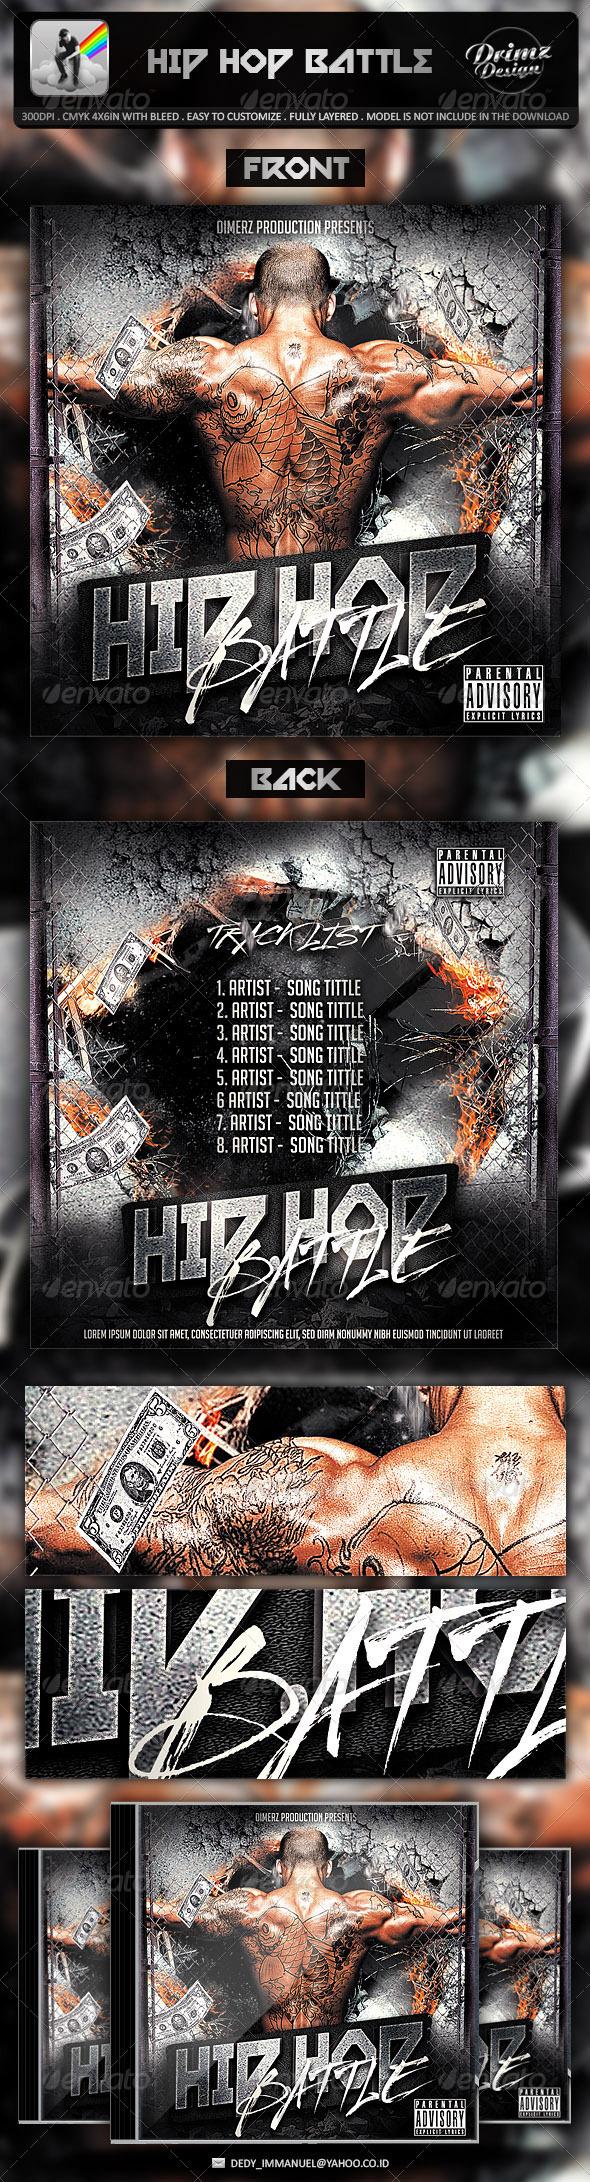 Hip Hop Battle Mixtape Template - CD & DVD Artwork Print Templates